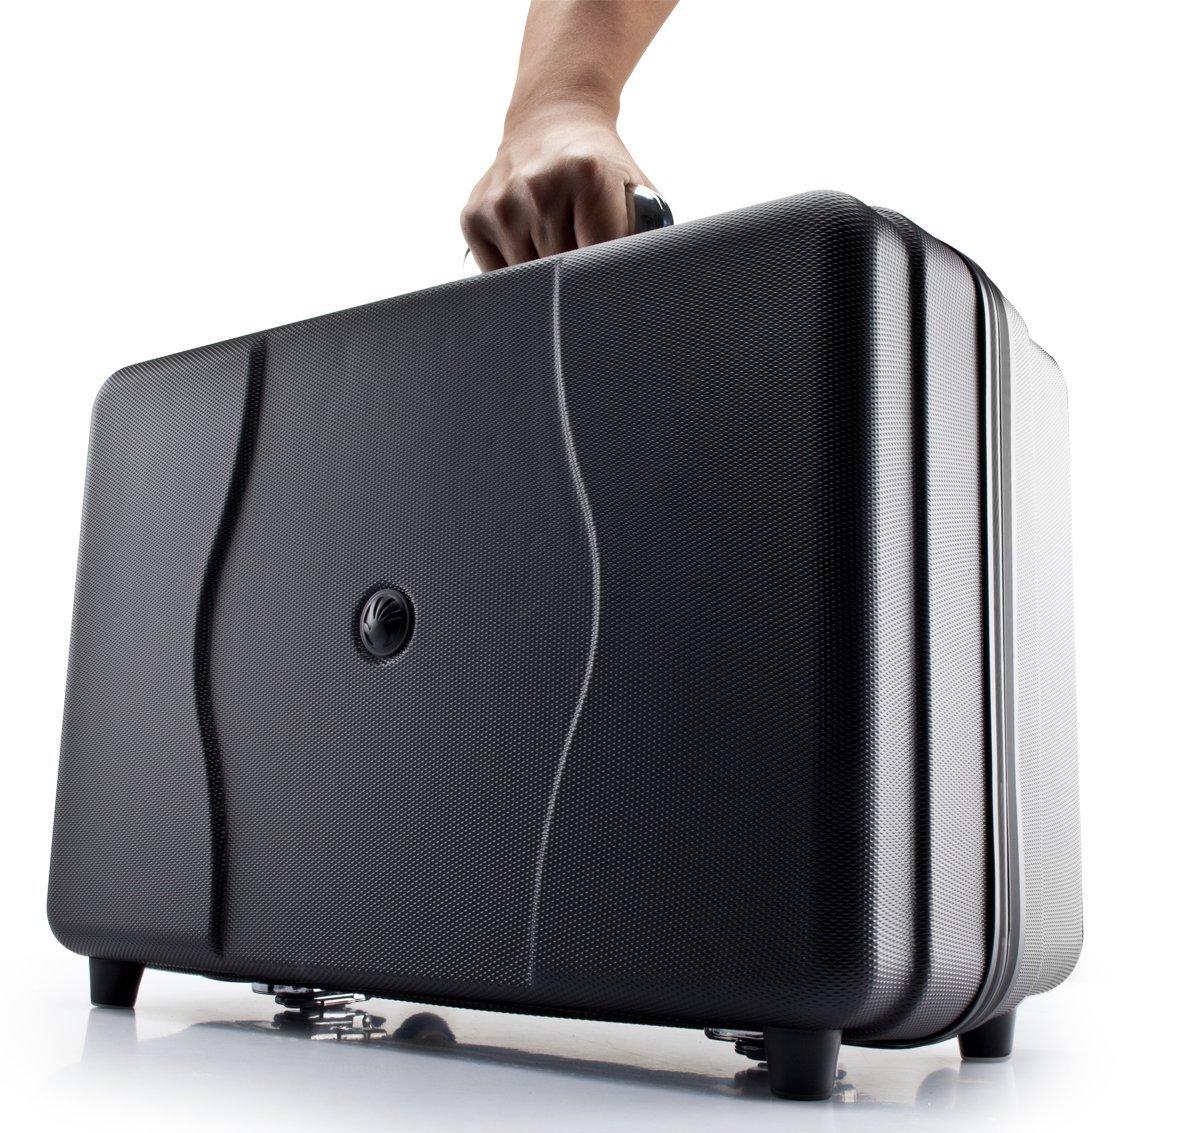 Slappa HardBody PRO 600 CD Storage Case, SL-60001B